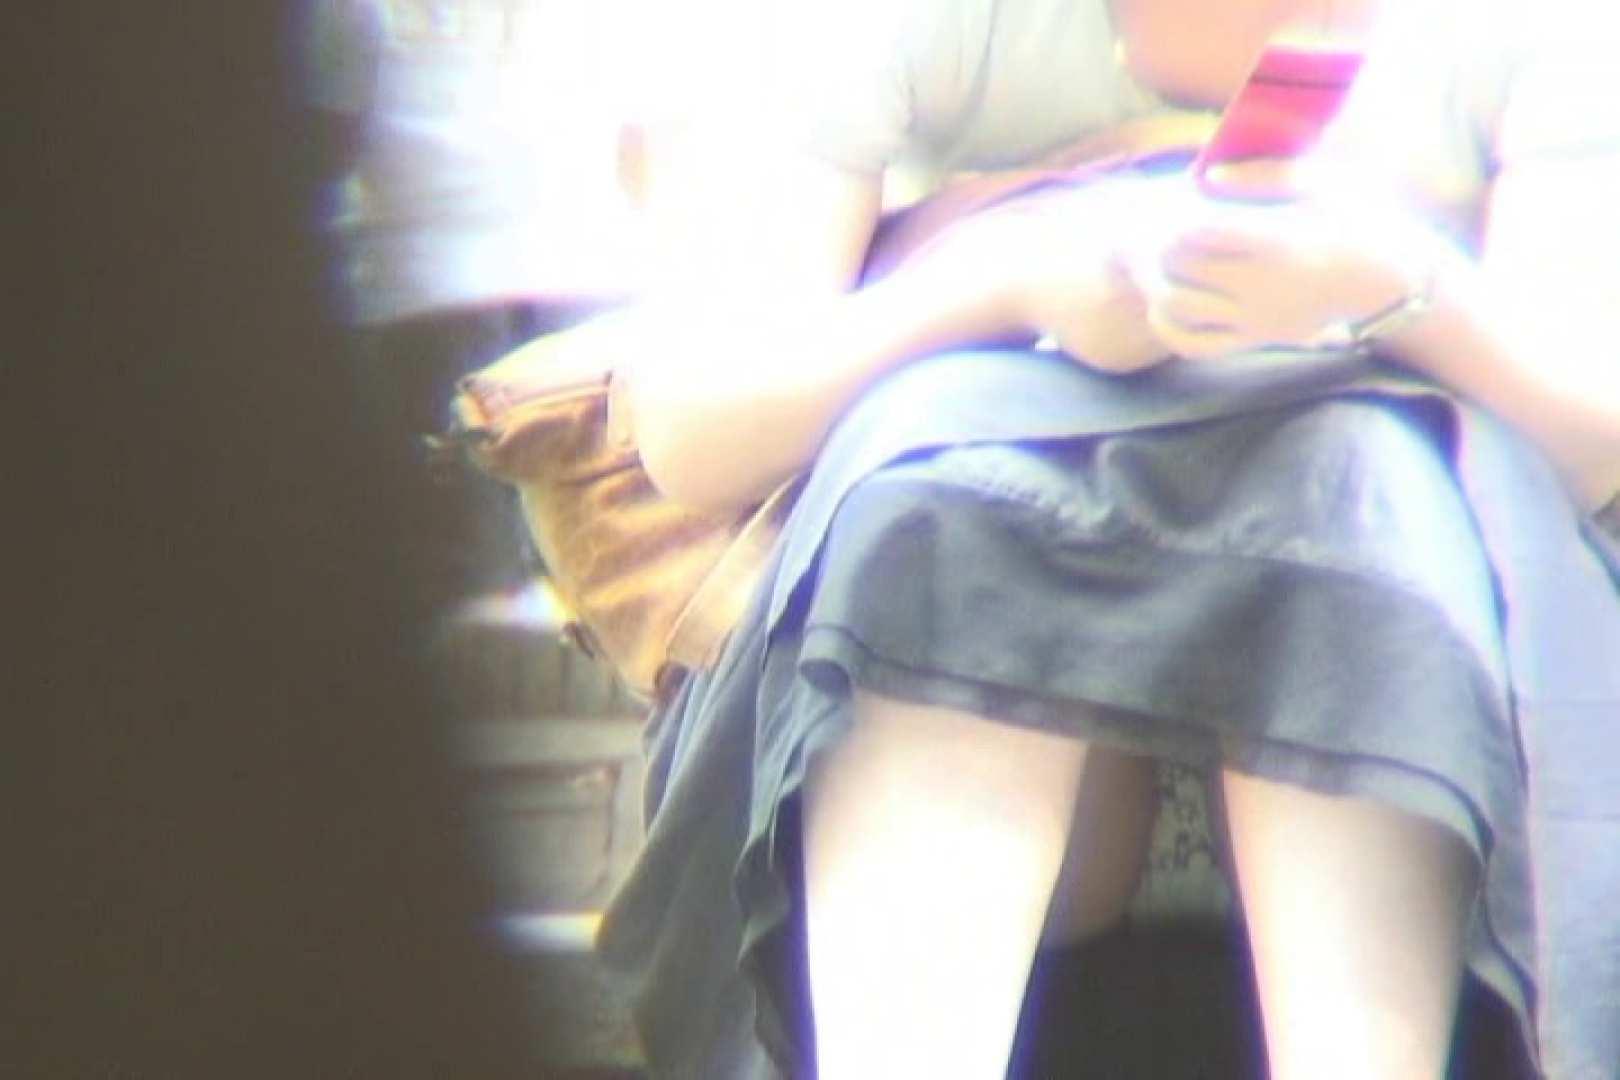 超最新版!春夏秋冬 vol.04 望遠 濡れ場動画紹介 97pic 42